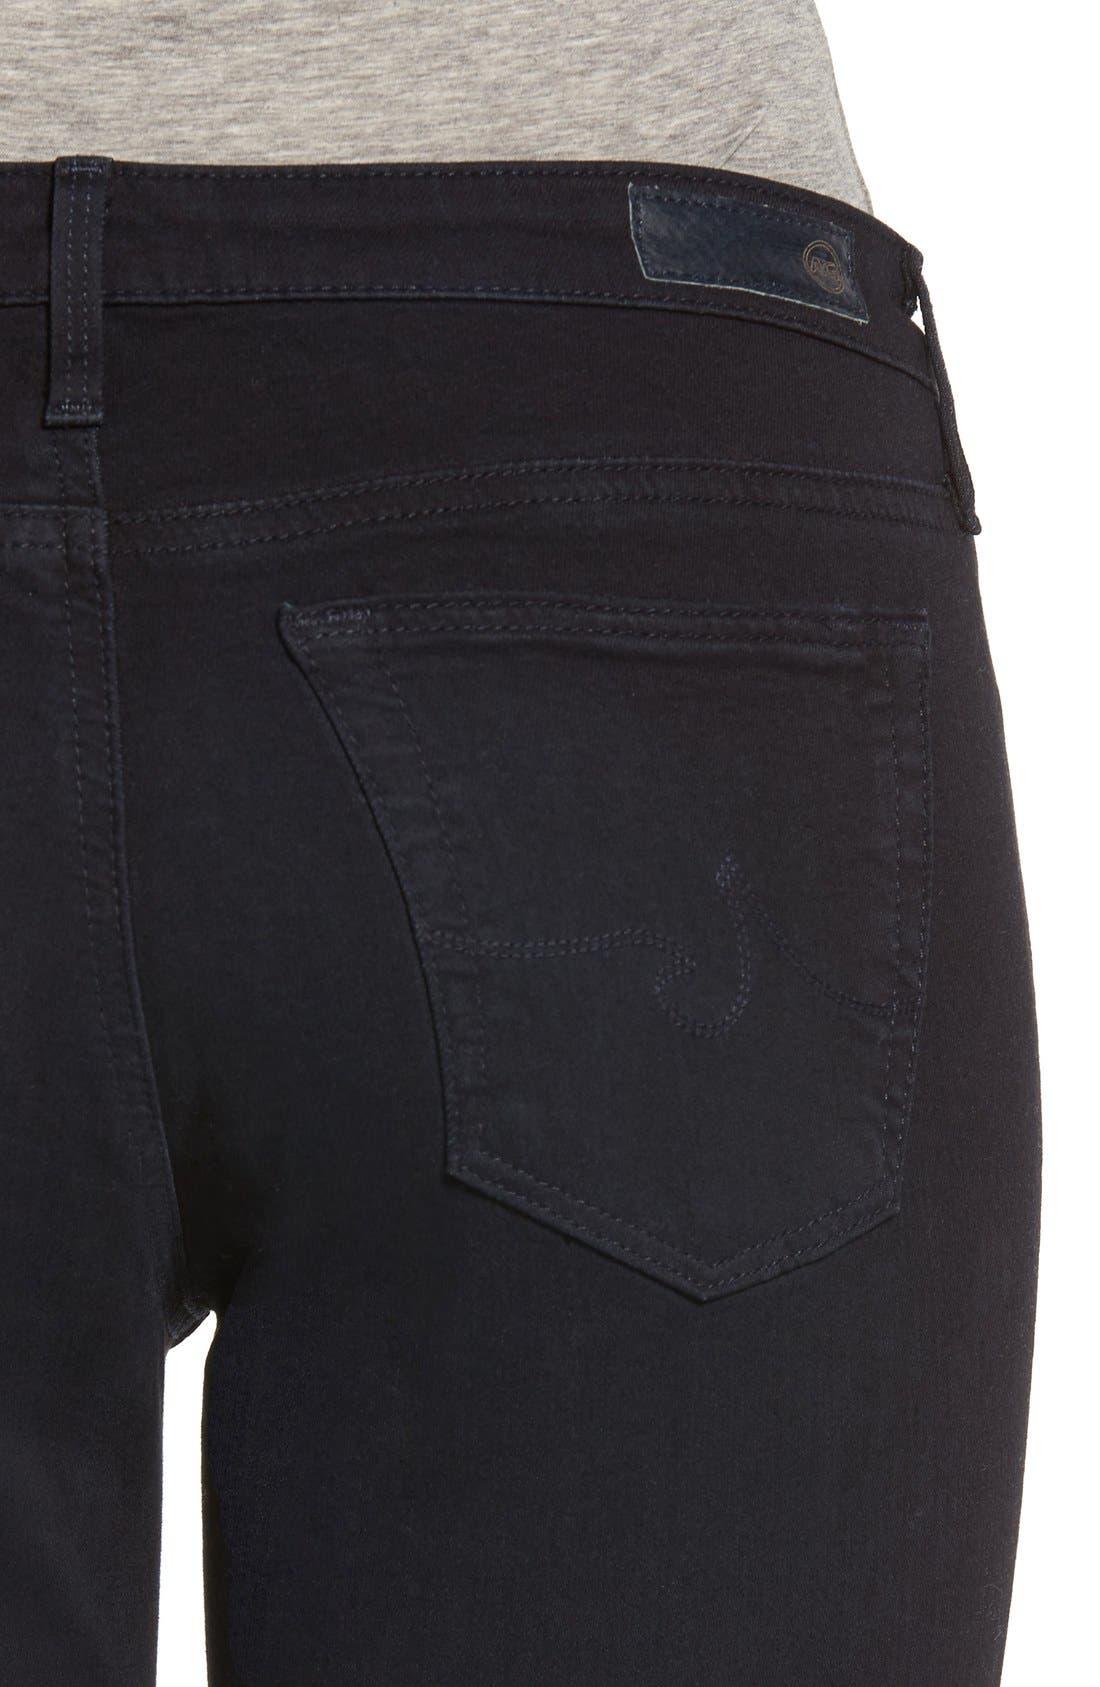 'The Stilt' Cigarette Skinny Jeans,                             Alternate thumbnail 20, color,